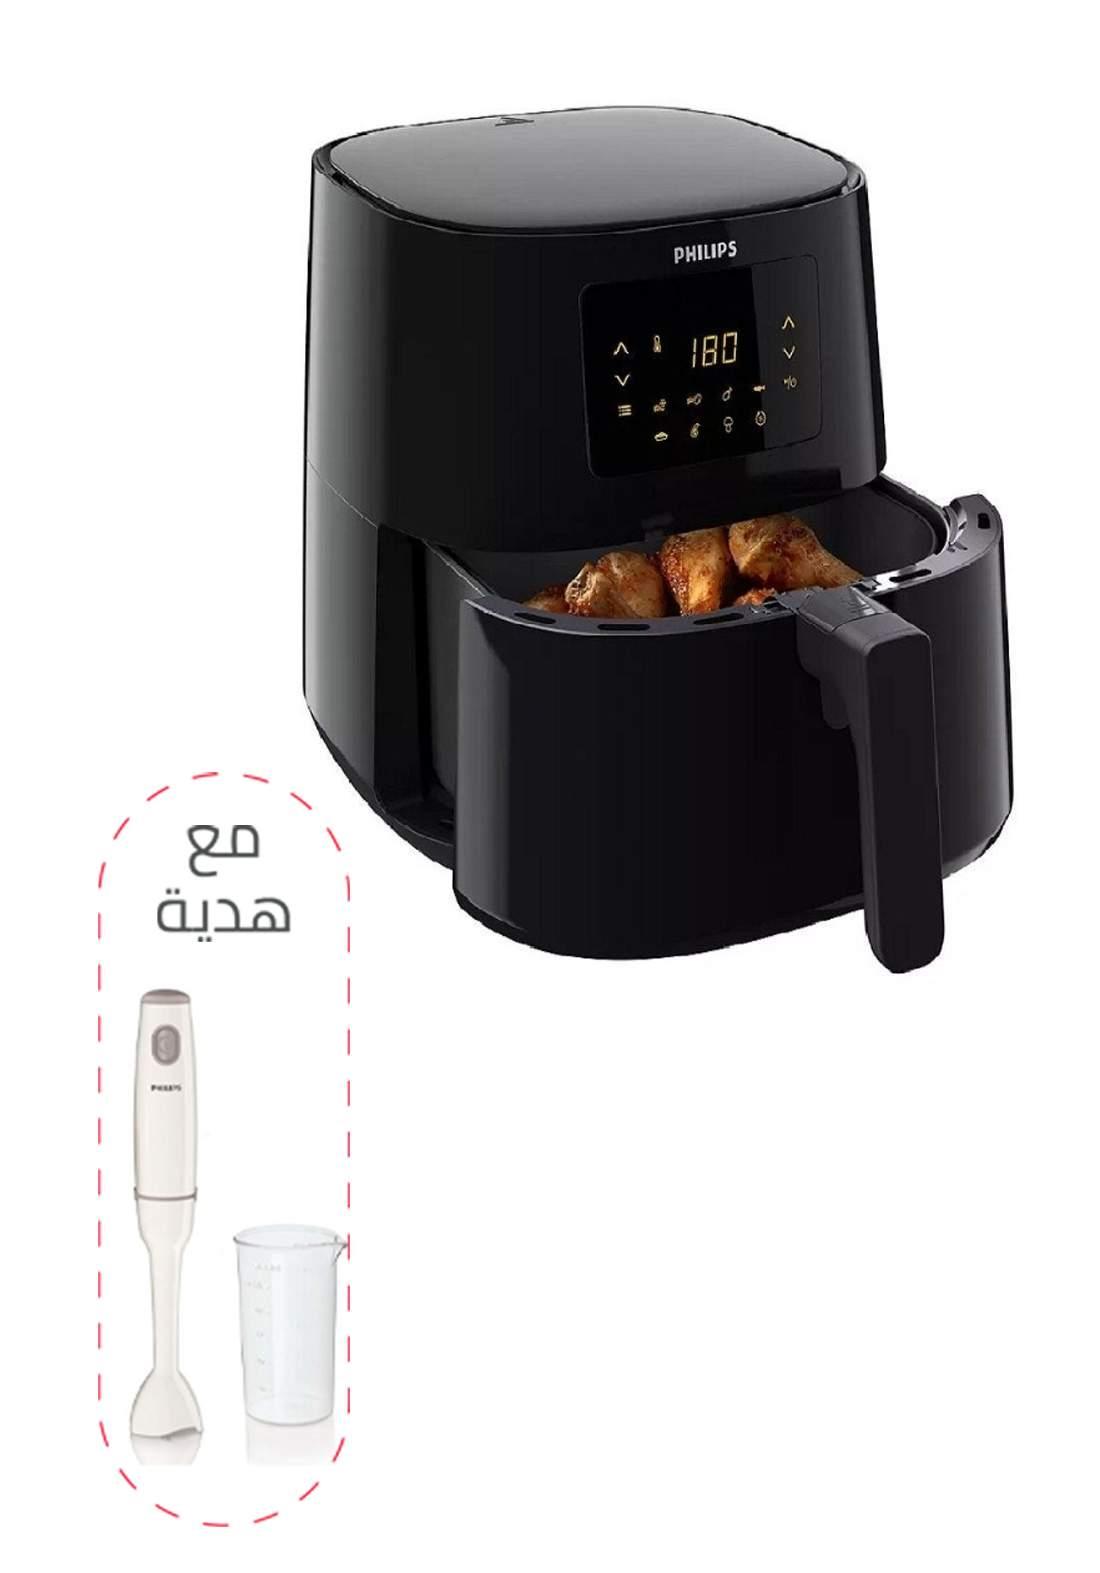 عرض مقلاة هوائية كهربائية +خلاط يدوي هدية